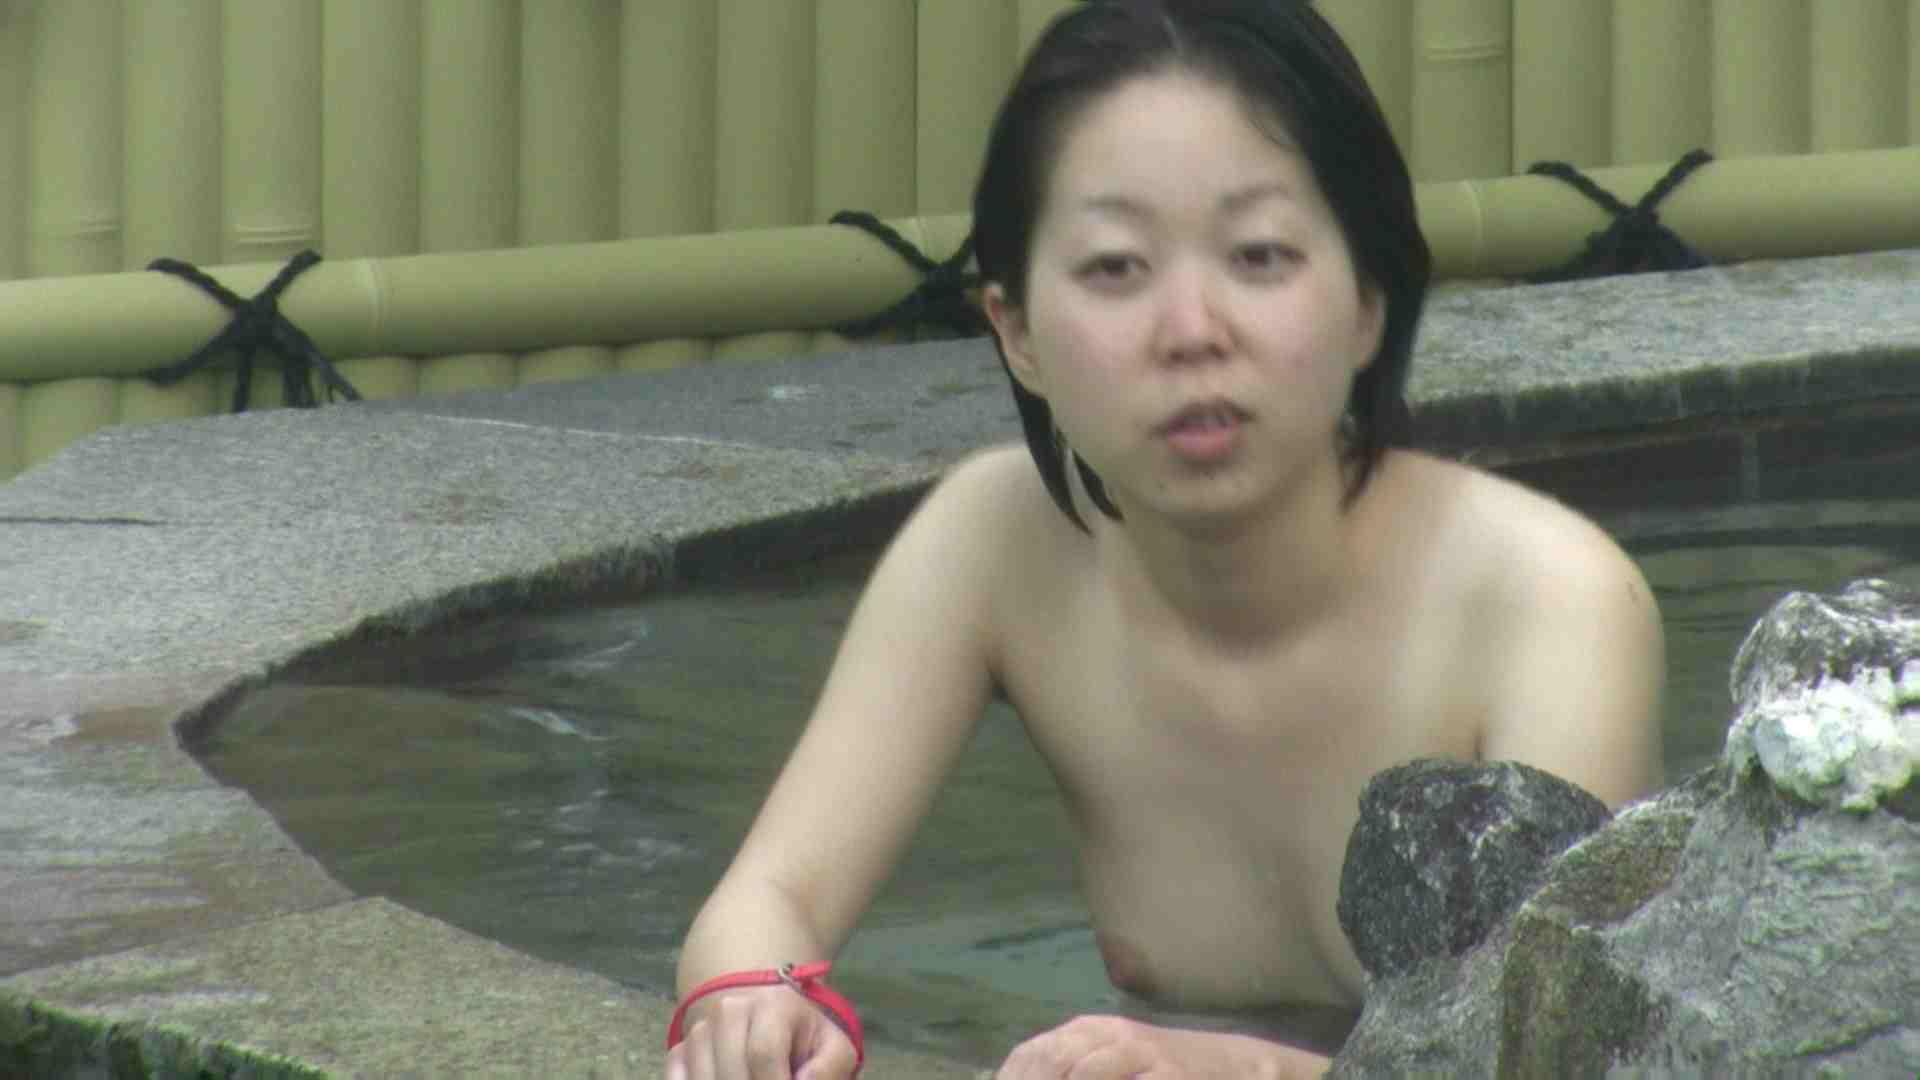 Aquaな露天風呂Vol.06【VIP】 盗撮  83画像 3